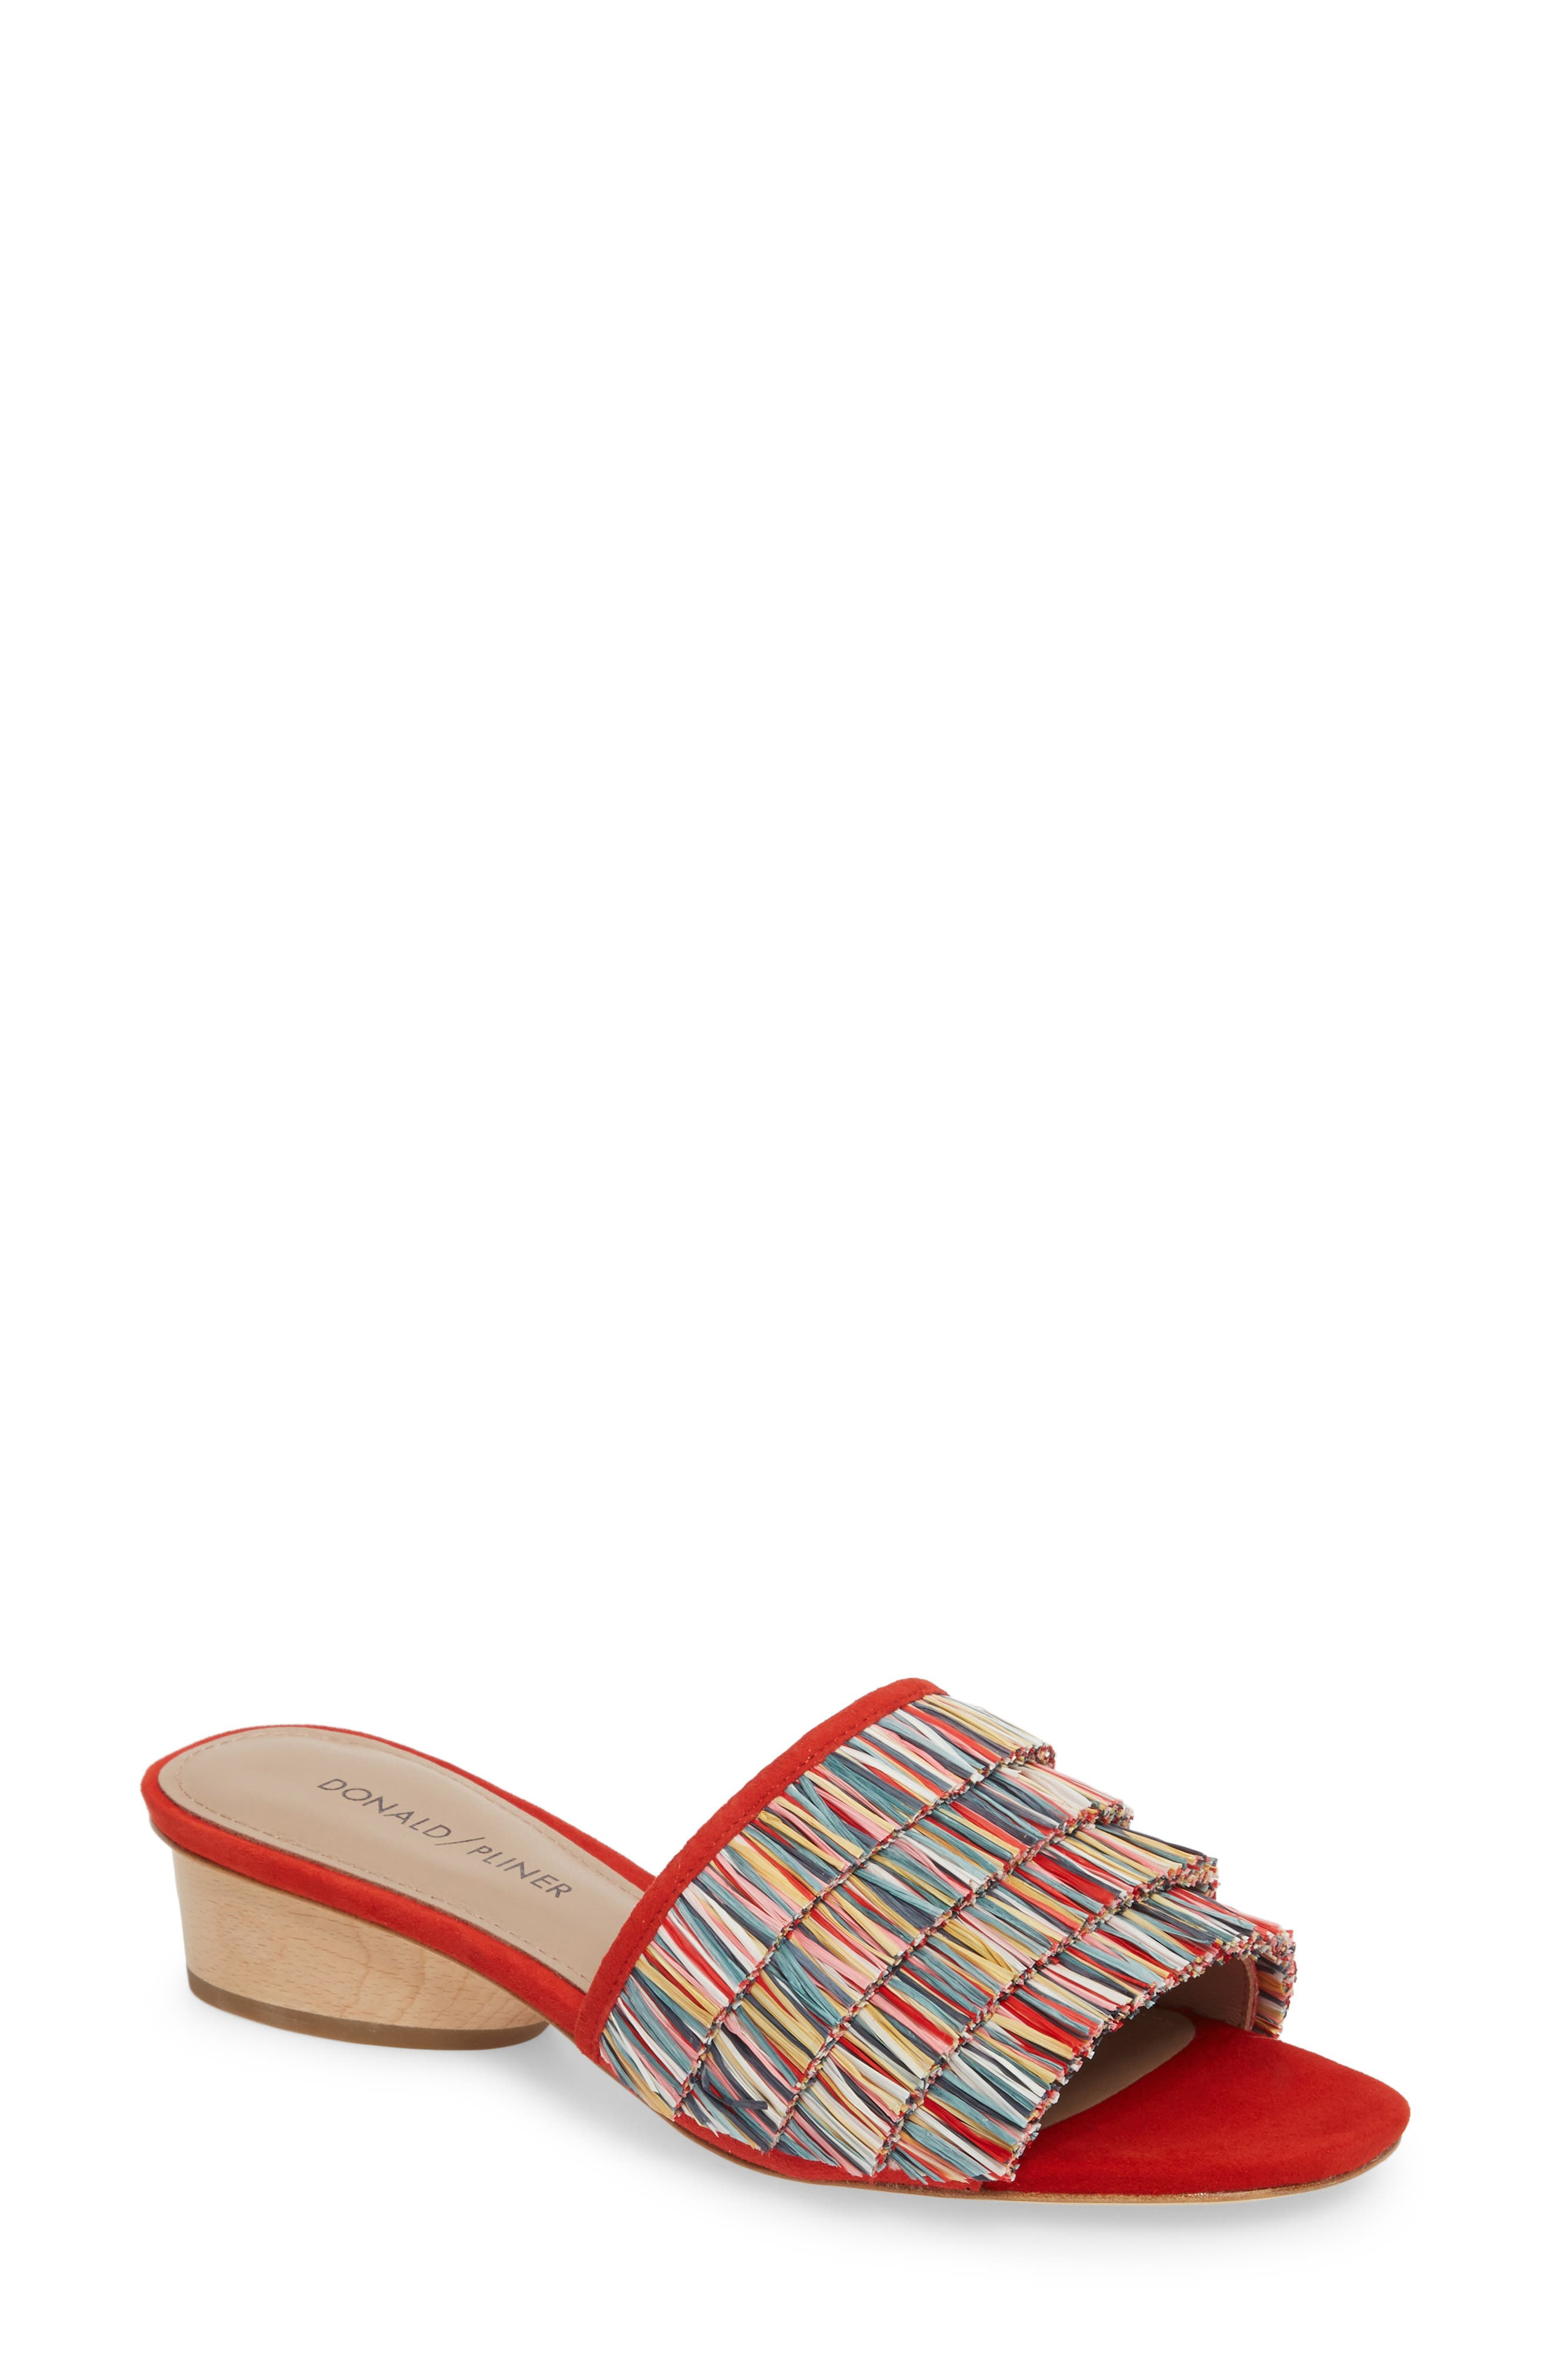 Donald Pliner Reise Slide Sandal (Women)